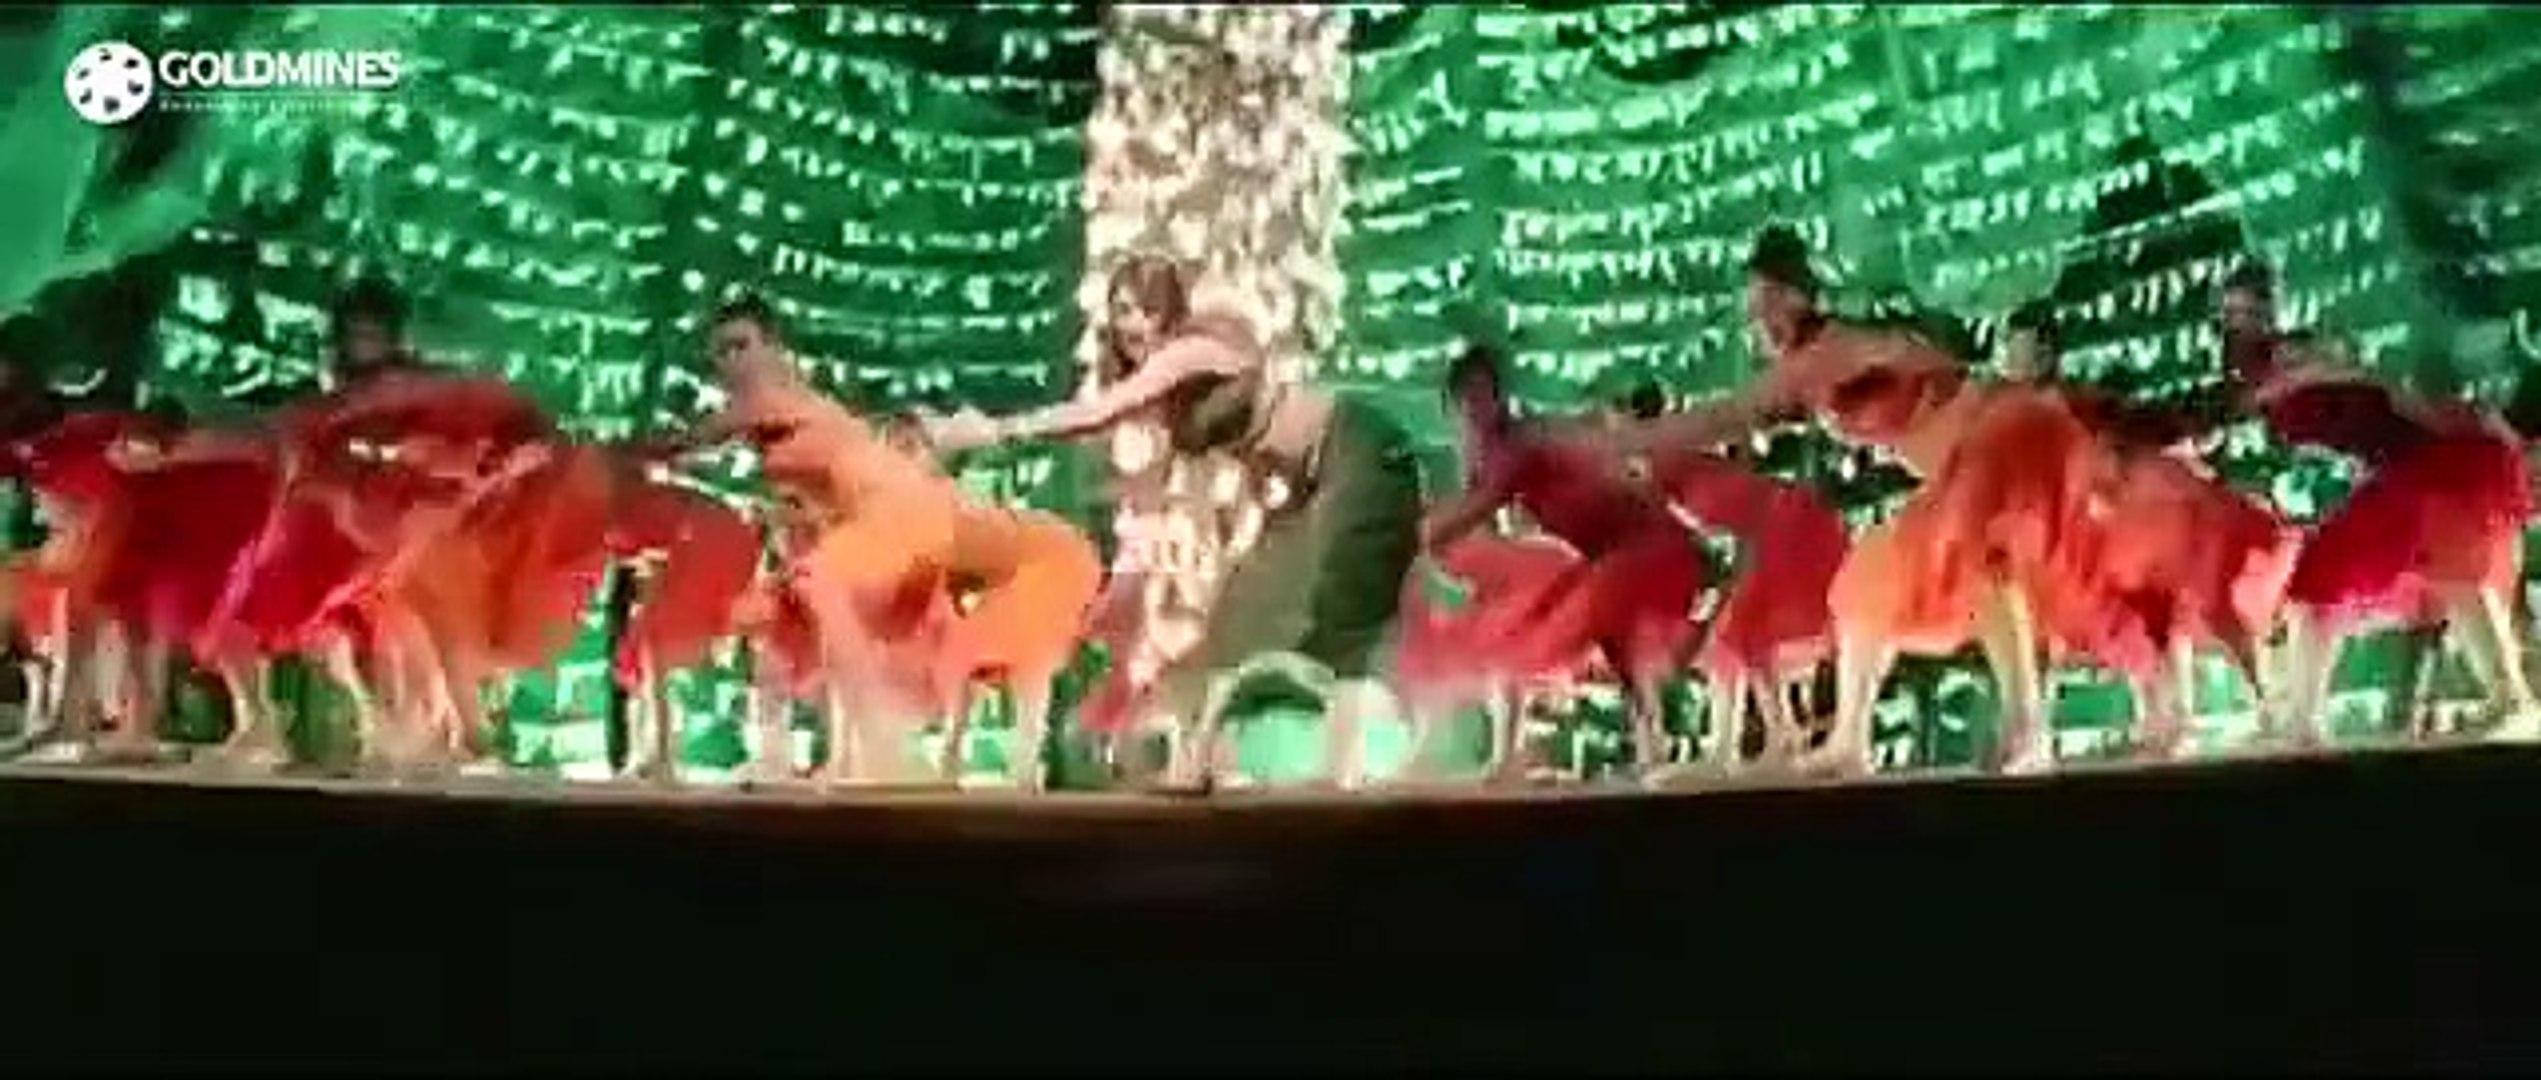 Ae Dil Hai Mushkil 2016 Part 1 Full Hindi Bollywood Movie Aishwarya Rai Bachchan Ranbir Kapoor Anushka Sharma